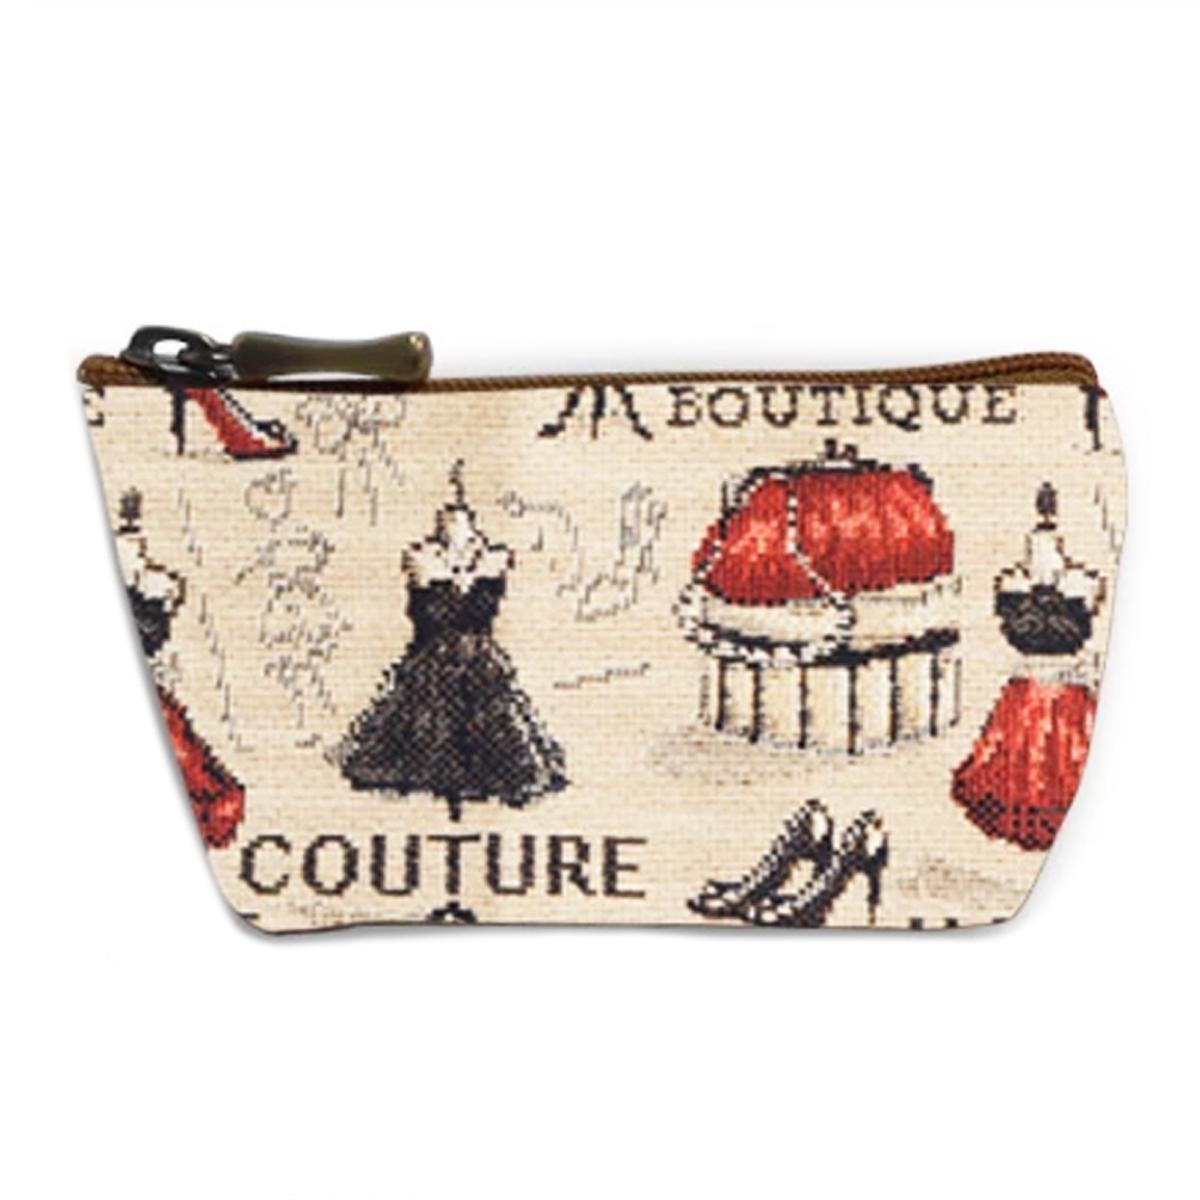 Porte-monnaie artisanal \'Royal Tapisserie\' beige rouge (Maison de Couture)  - 12x8x4 cm - [Q6360]